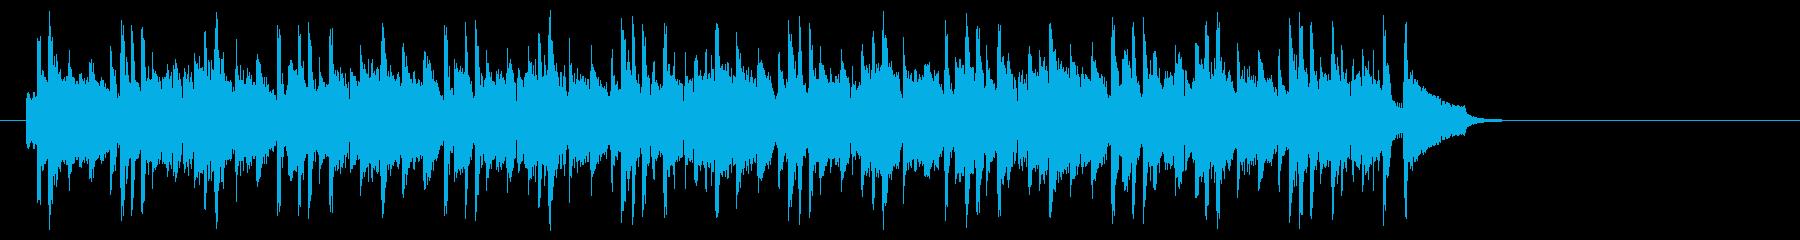 化学実験を観察するポップ(サビ~エンド)の再生済みの波形